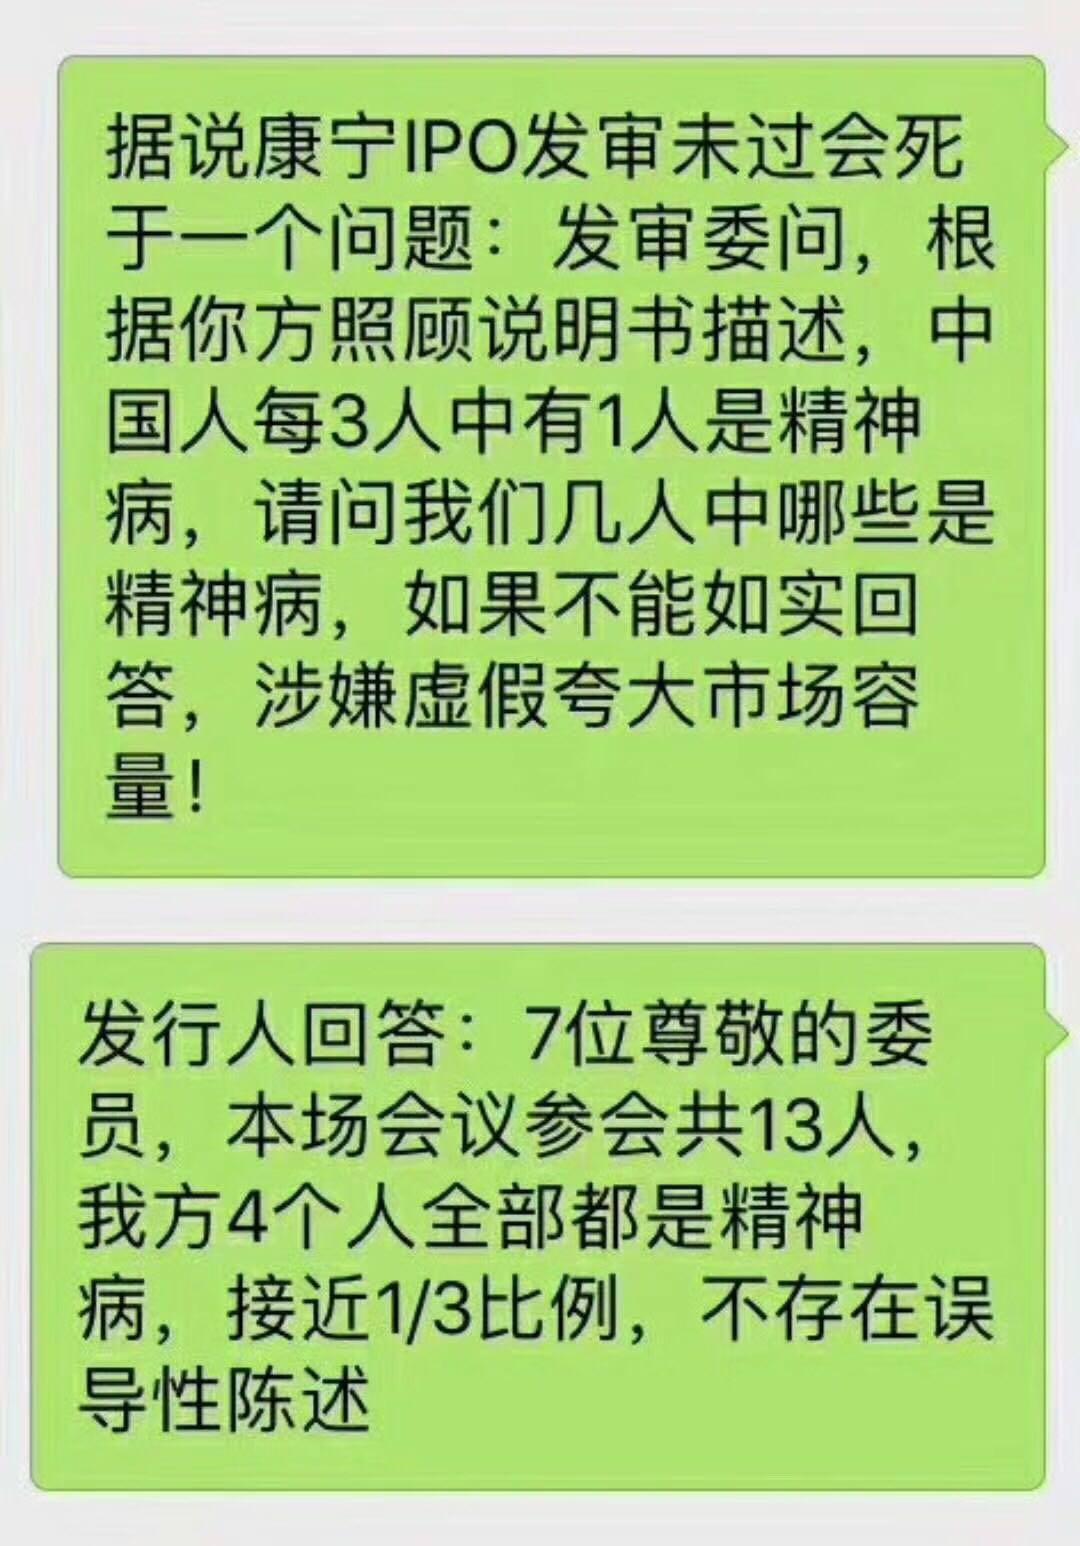 锦欣医疗赴港上市  欲抢500亿辅生市场